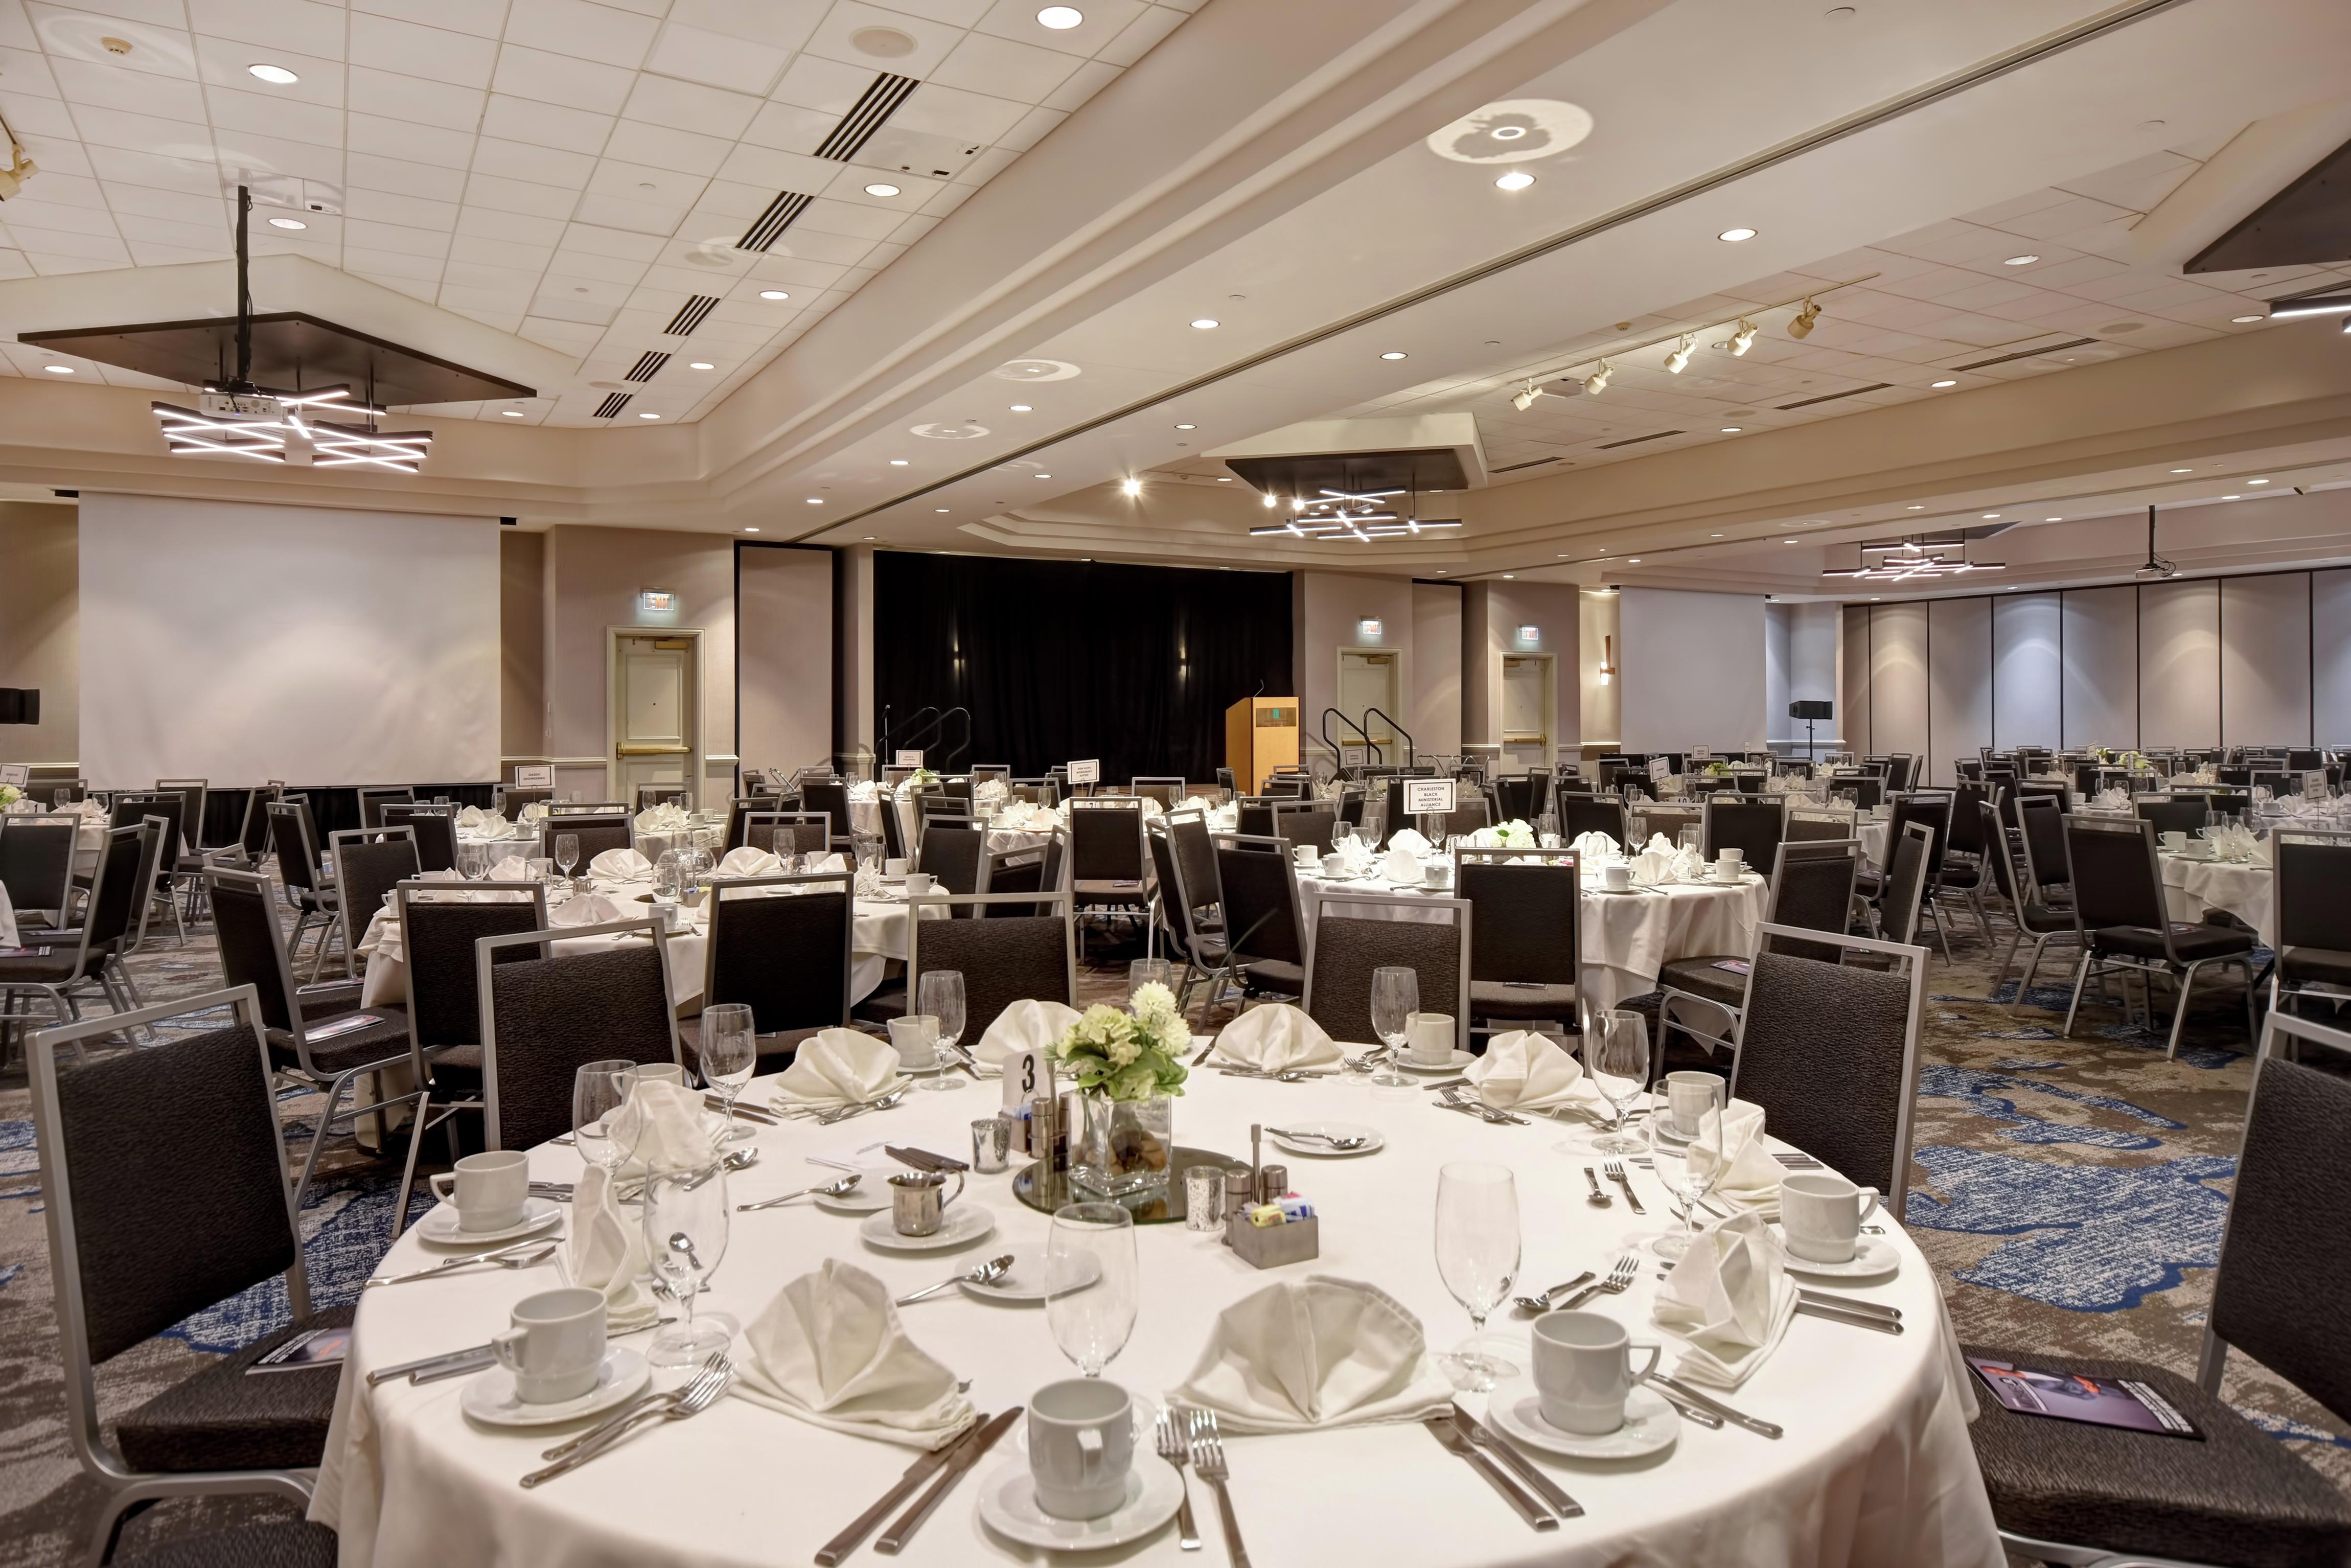 Grand Ballroom Banquet Setup with Projectors